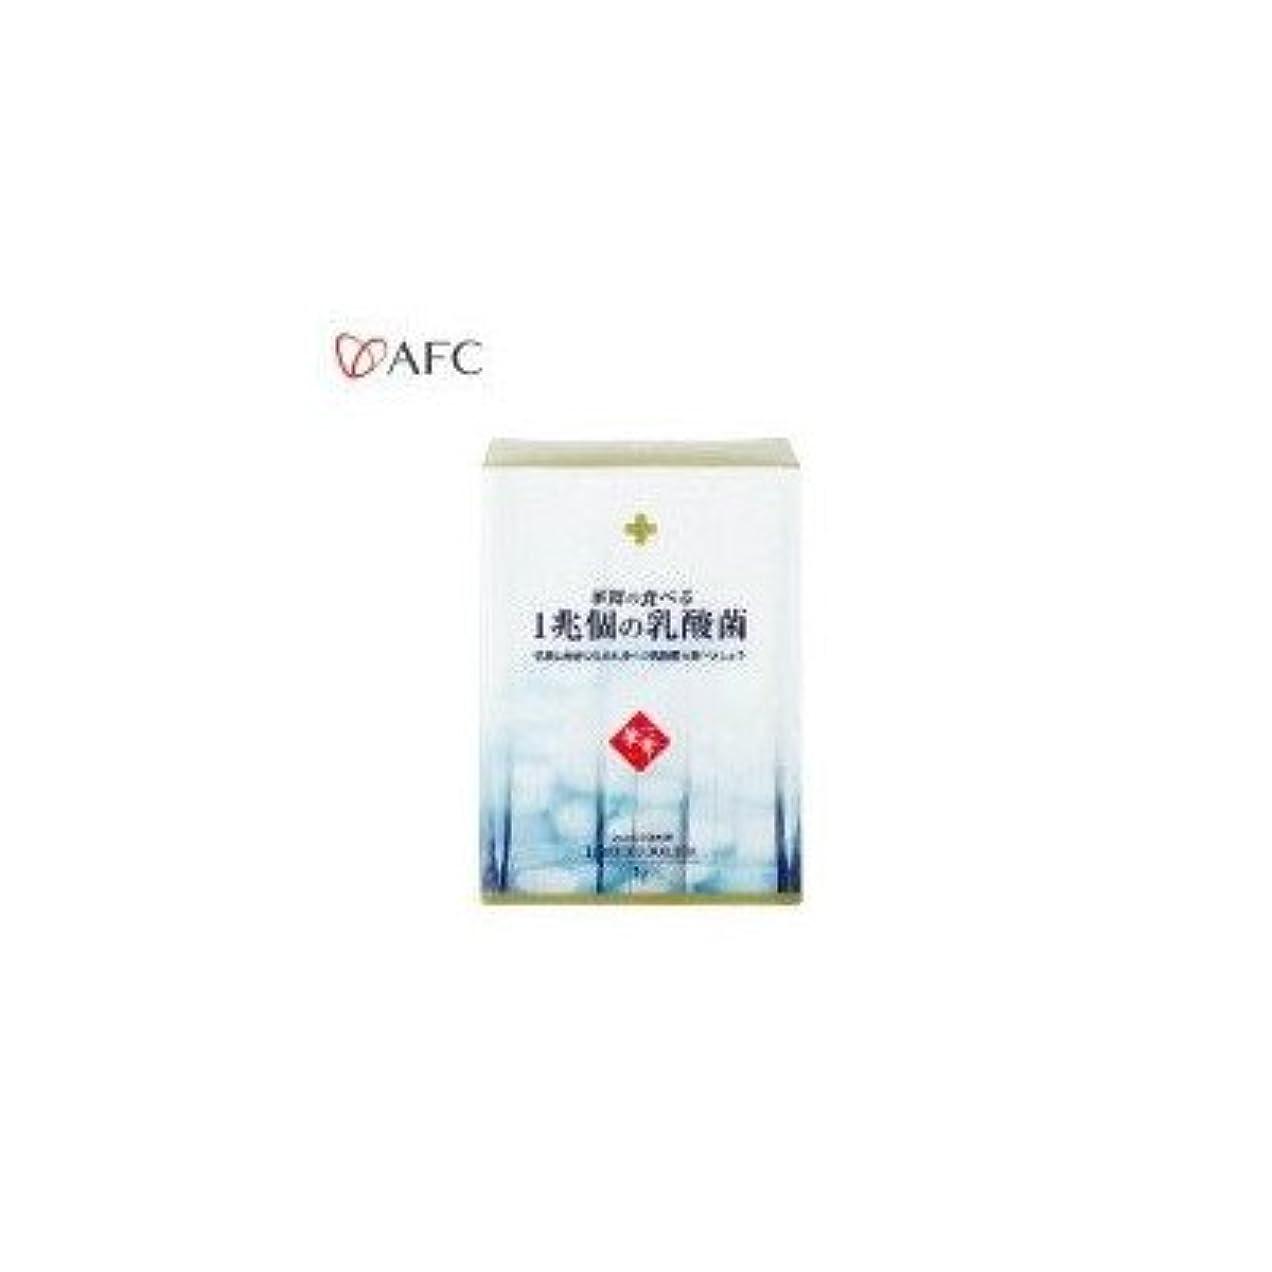 設計図寮抜本的なAFC 華舞シリーズ 華舞の1兆個の乳酸菌 スティックタイプ 30g(1g×30本) 3222